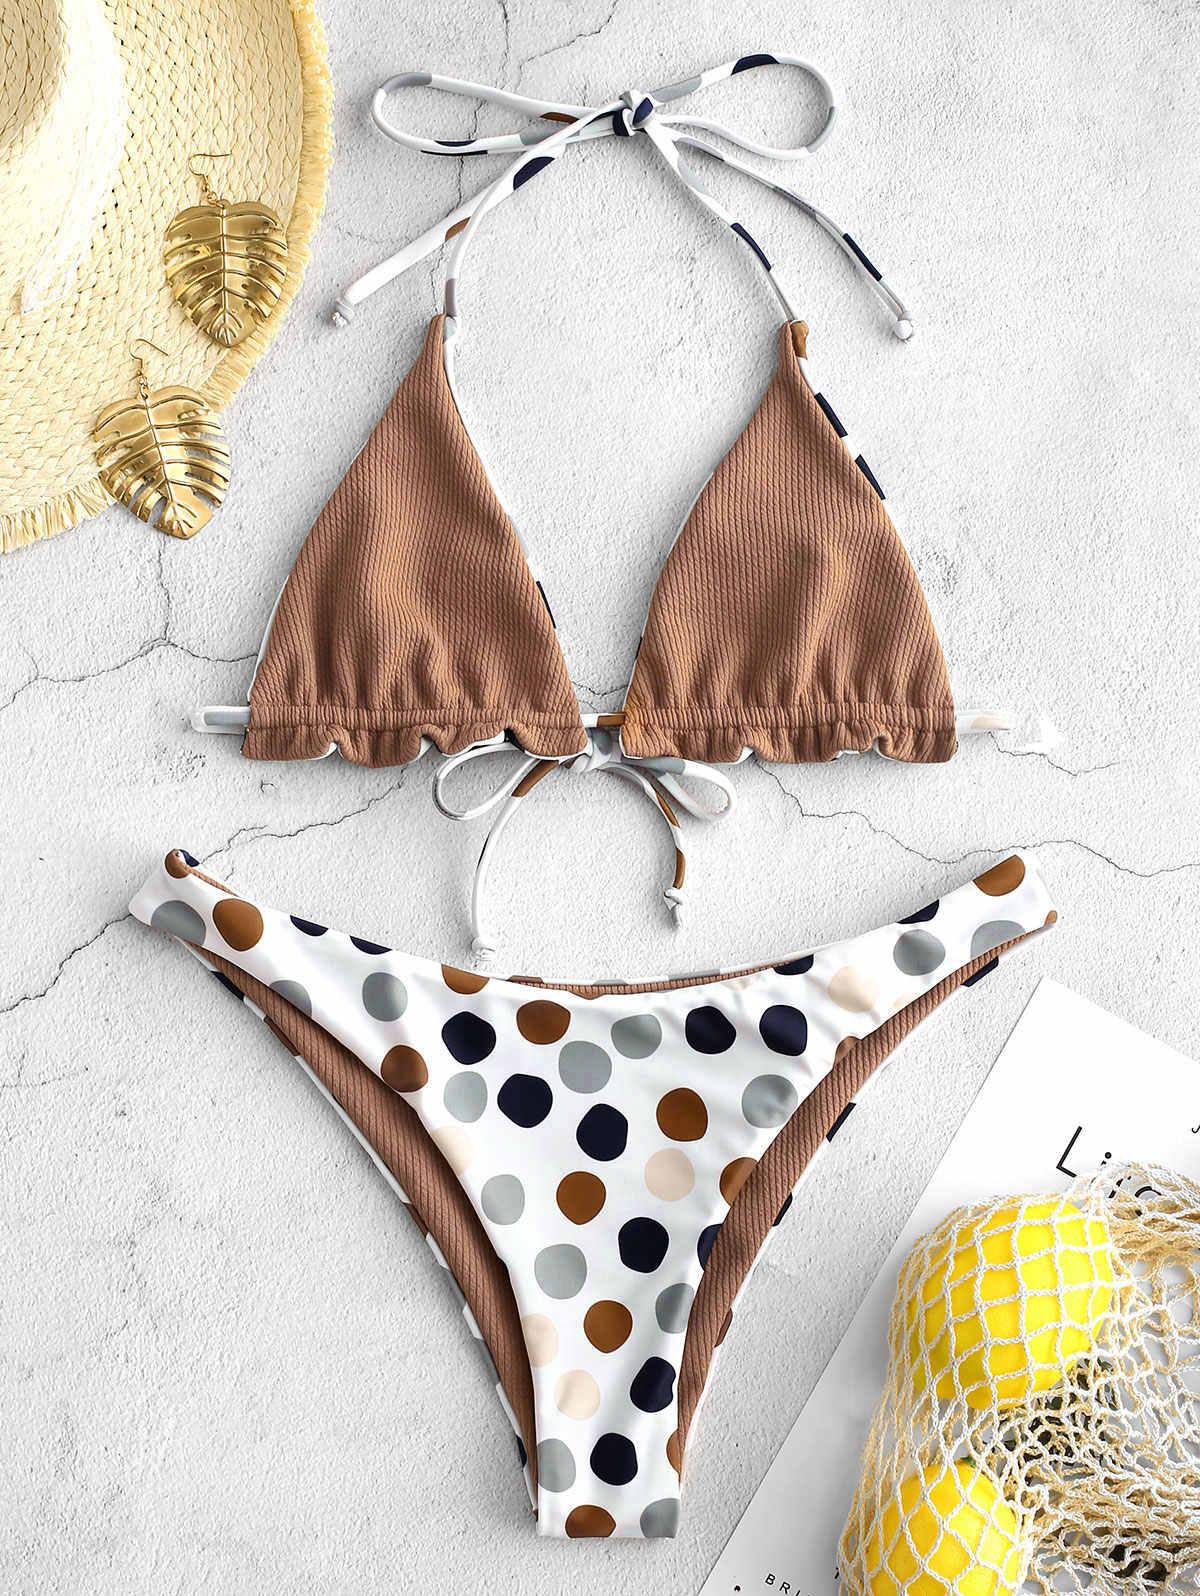 ZAFUL 2019 Sexy niskiej talii Bikini kobiety stroje kąpielowe Push Up strój kąpielowy wzburzyć strój kąpielowy Polka Dot Biquinis lato plaża nosić kobiet